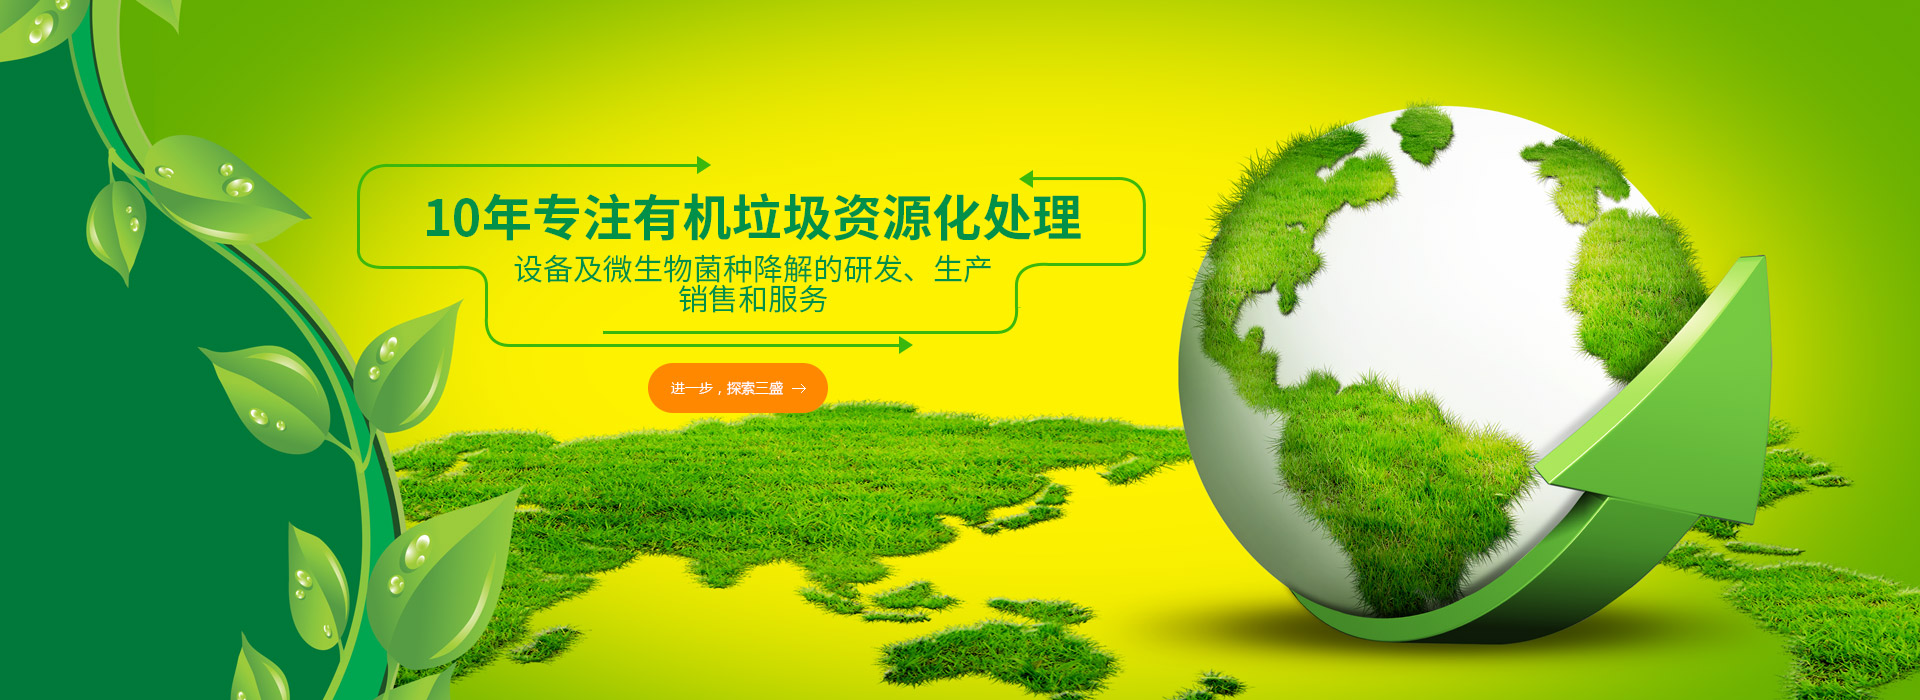 10年专zhuyou机垃圾资源化chuli